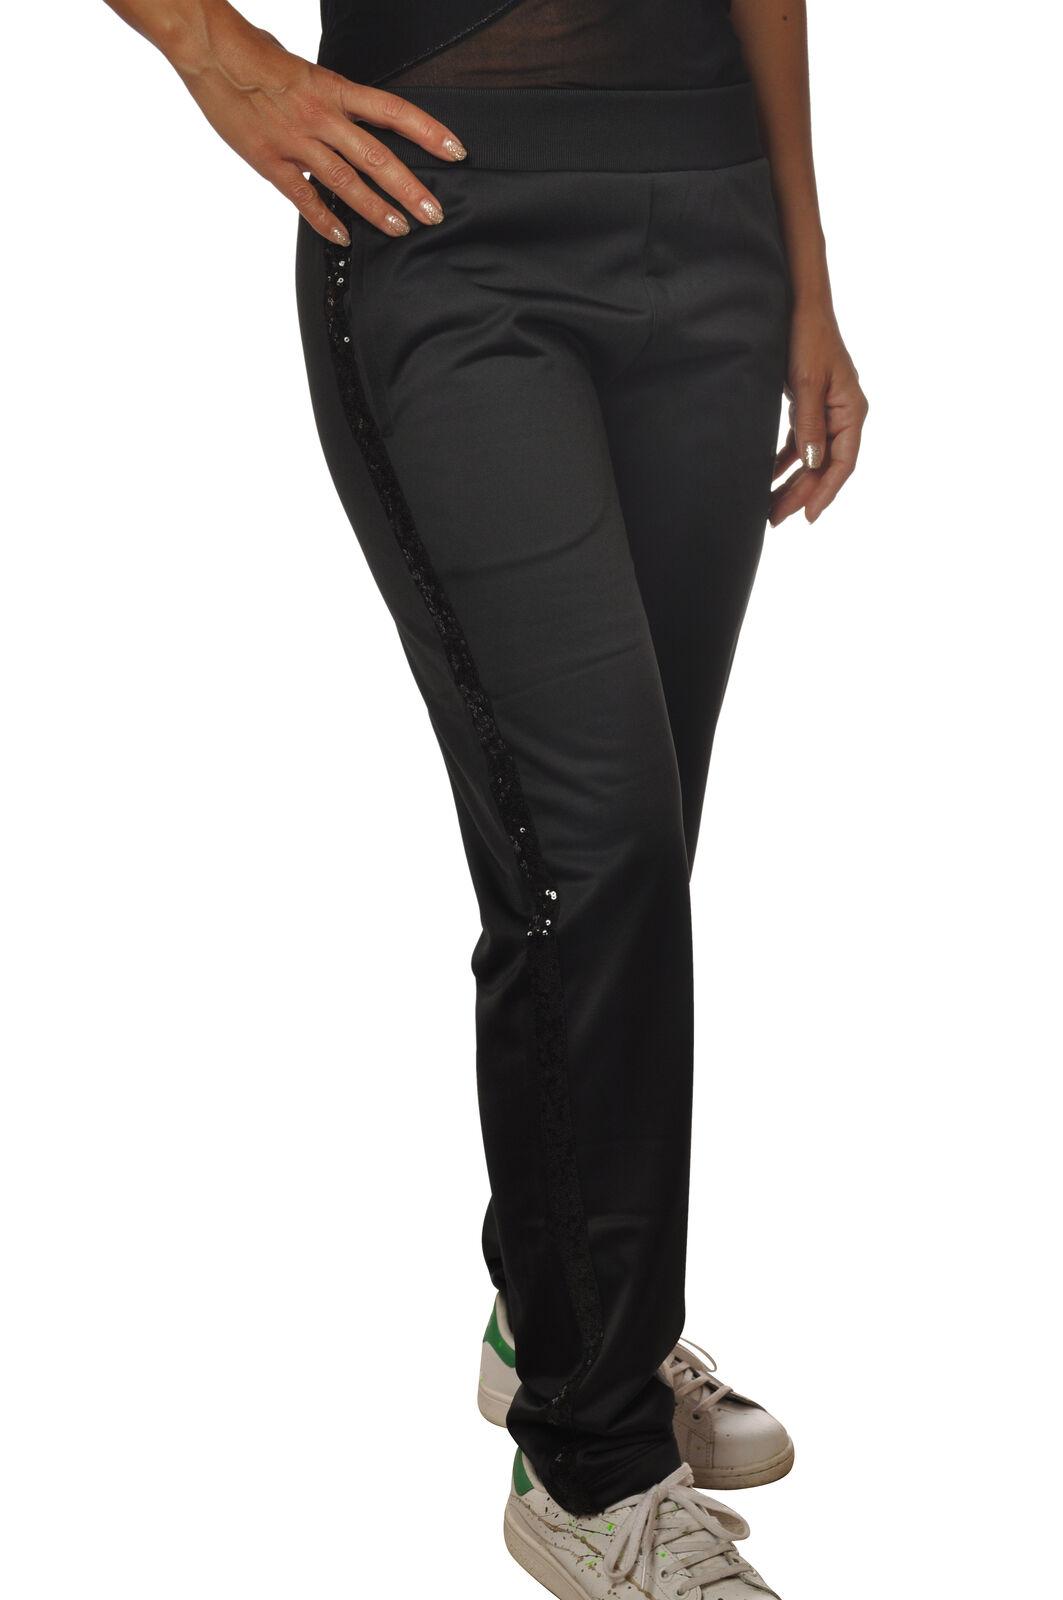 Gaëlle Paris - Pantaloni-Pantaloni felpa - Donna - Nero - 5594310C191841